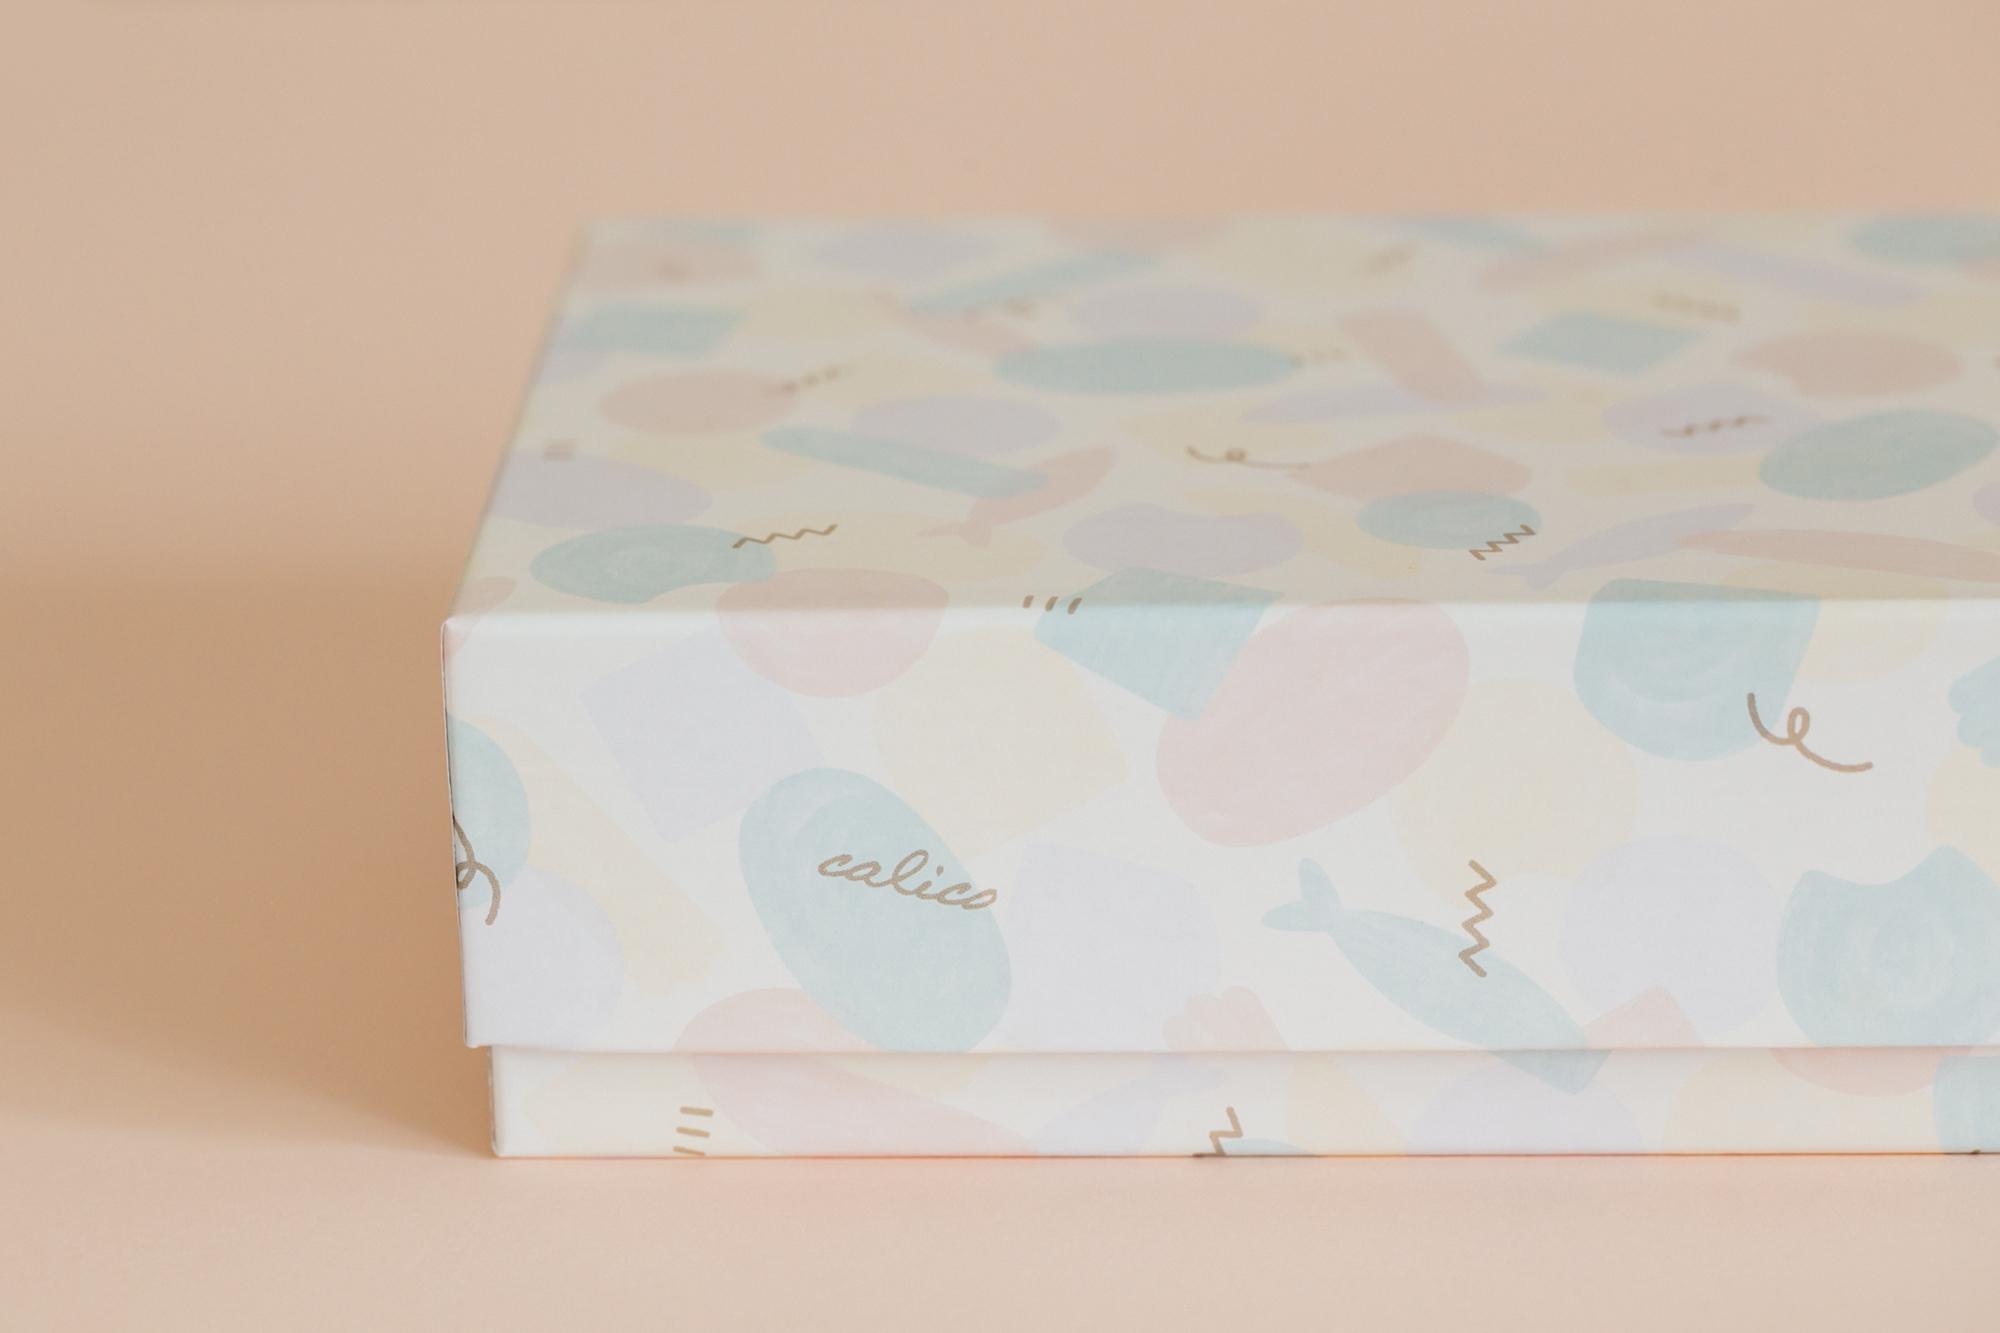 Calicoの焼き菓子箱デザイン